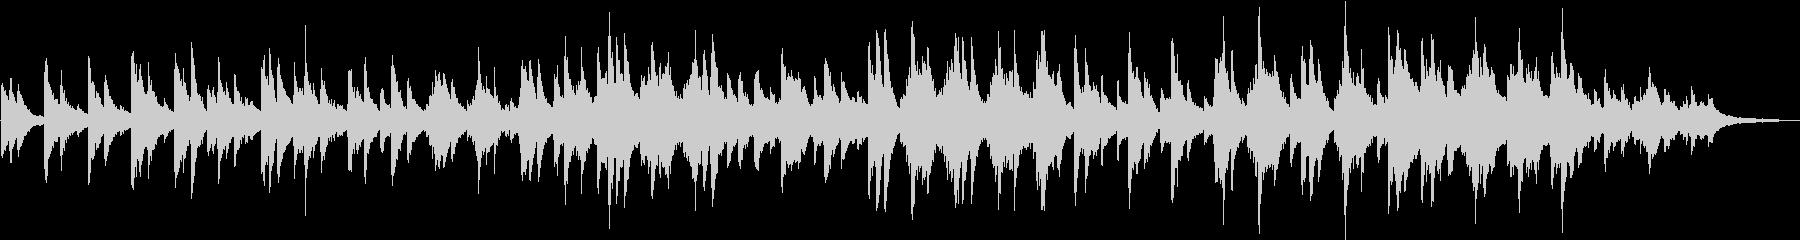 しっとりとしたピアノバラードの未再生の波形